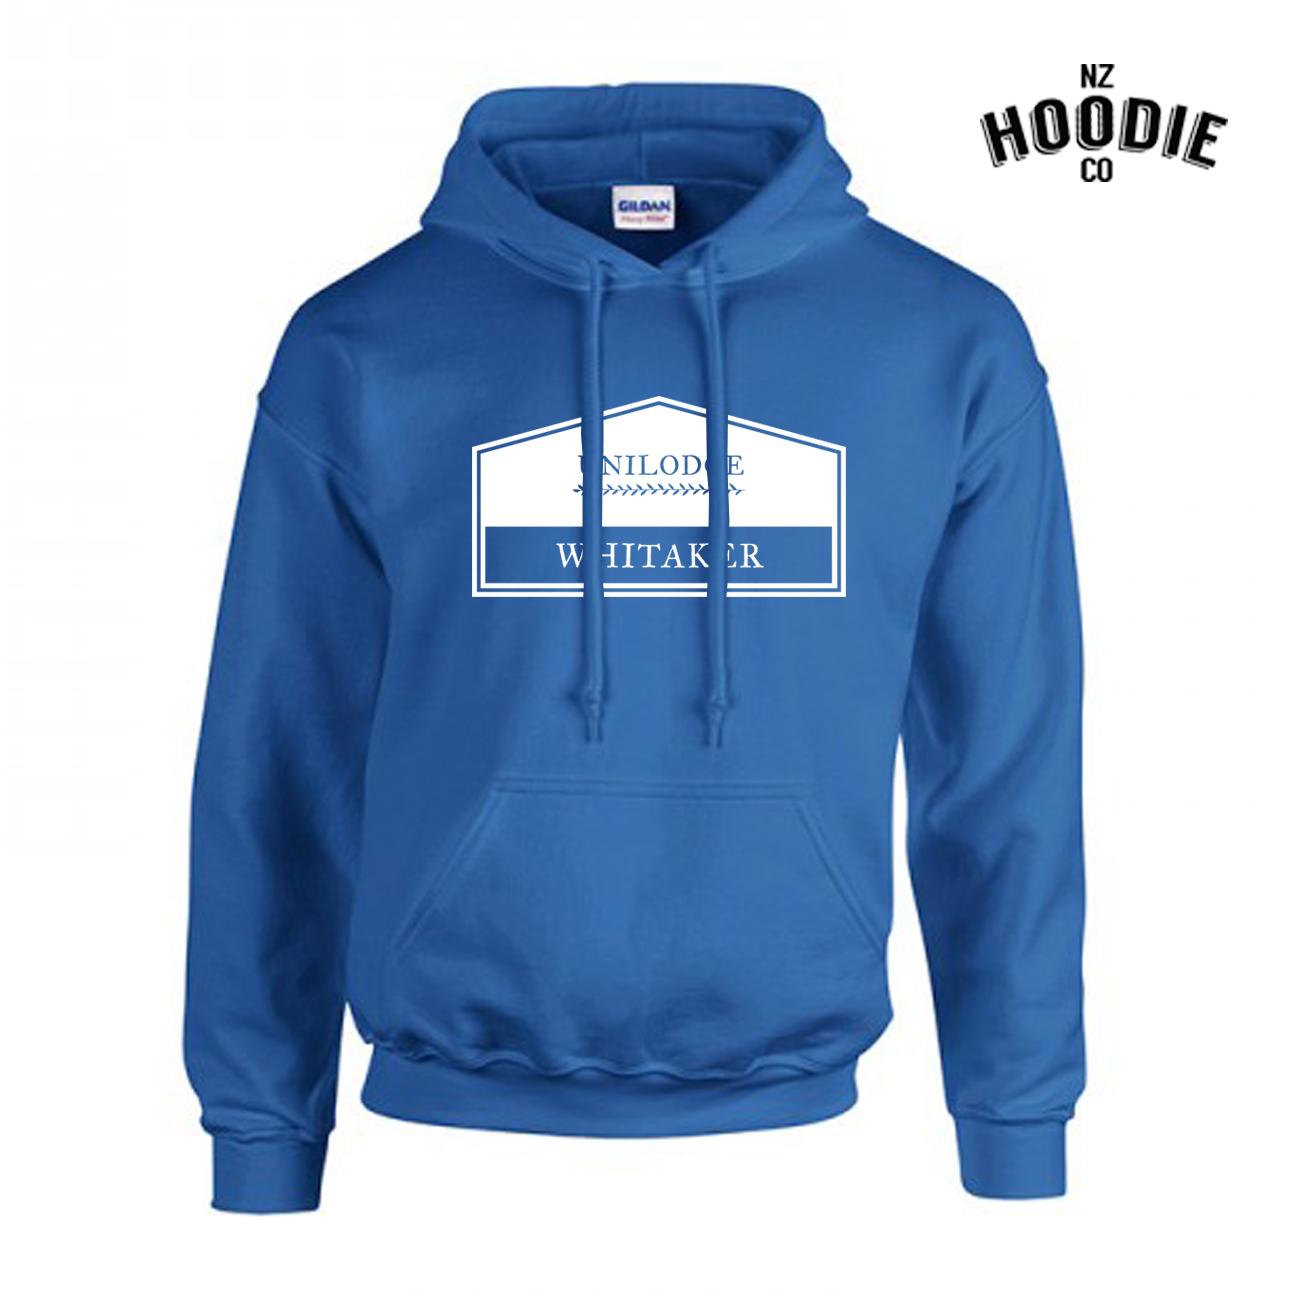 UniLodge Whitaker design on Royal Blue Gilden Hoodie (1).jpg